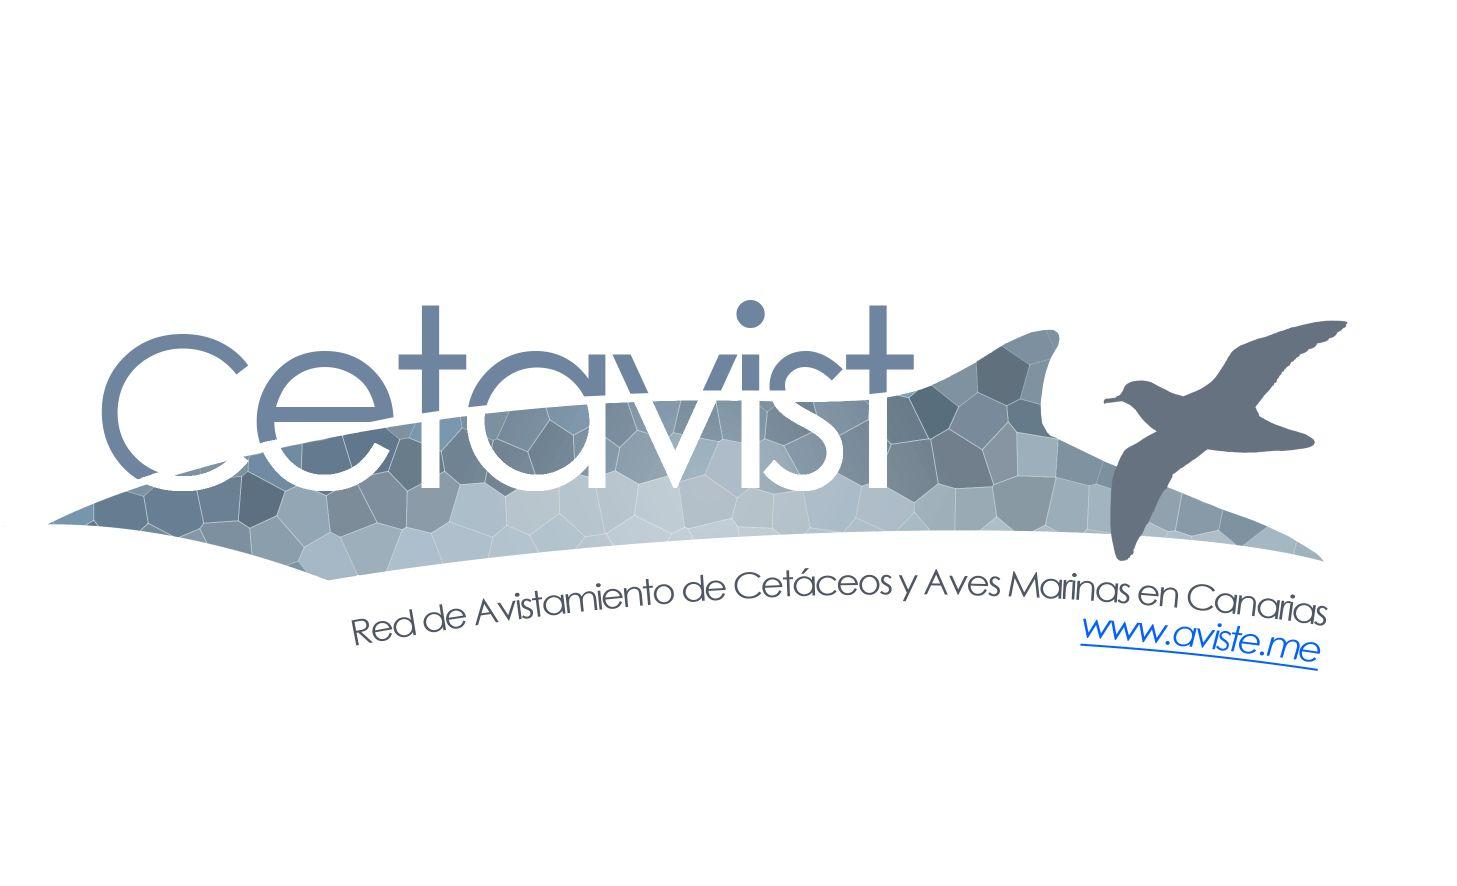 logo cetavist